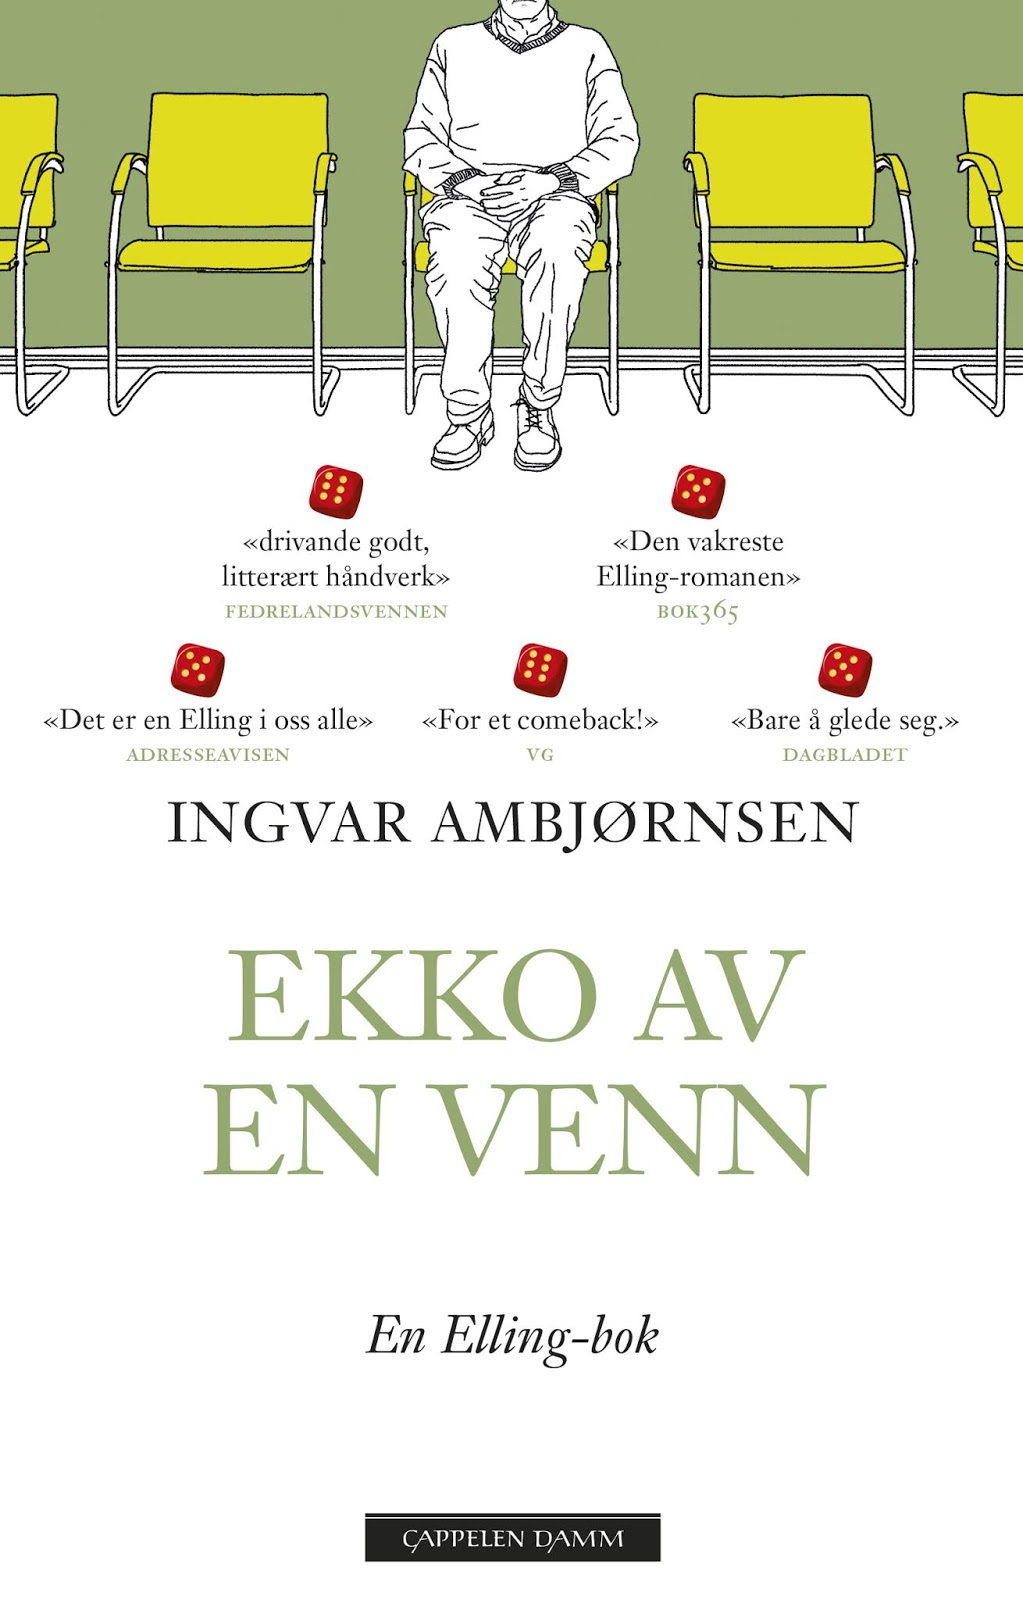 d285cd036 Ingvar Ambjørnsen : Ekko av en venn : Cappelen Damm : 314 sider